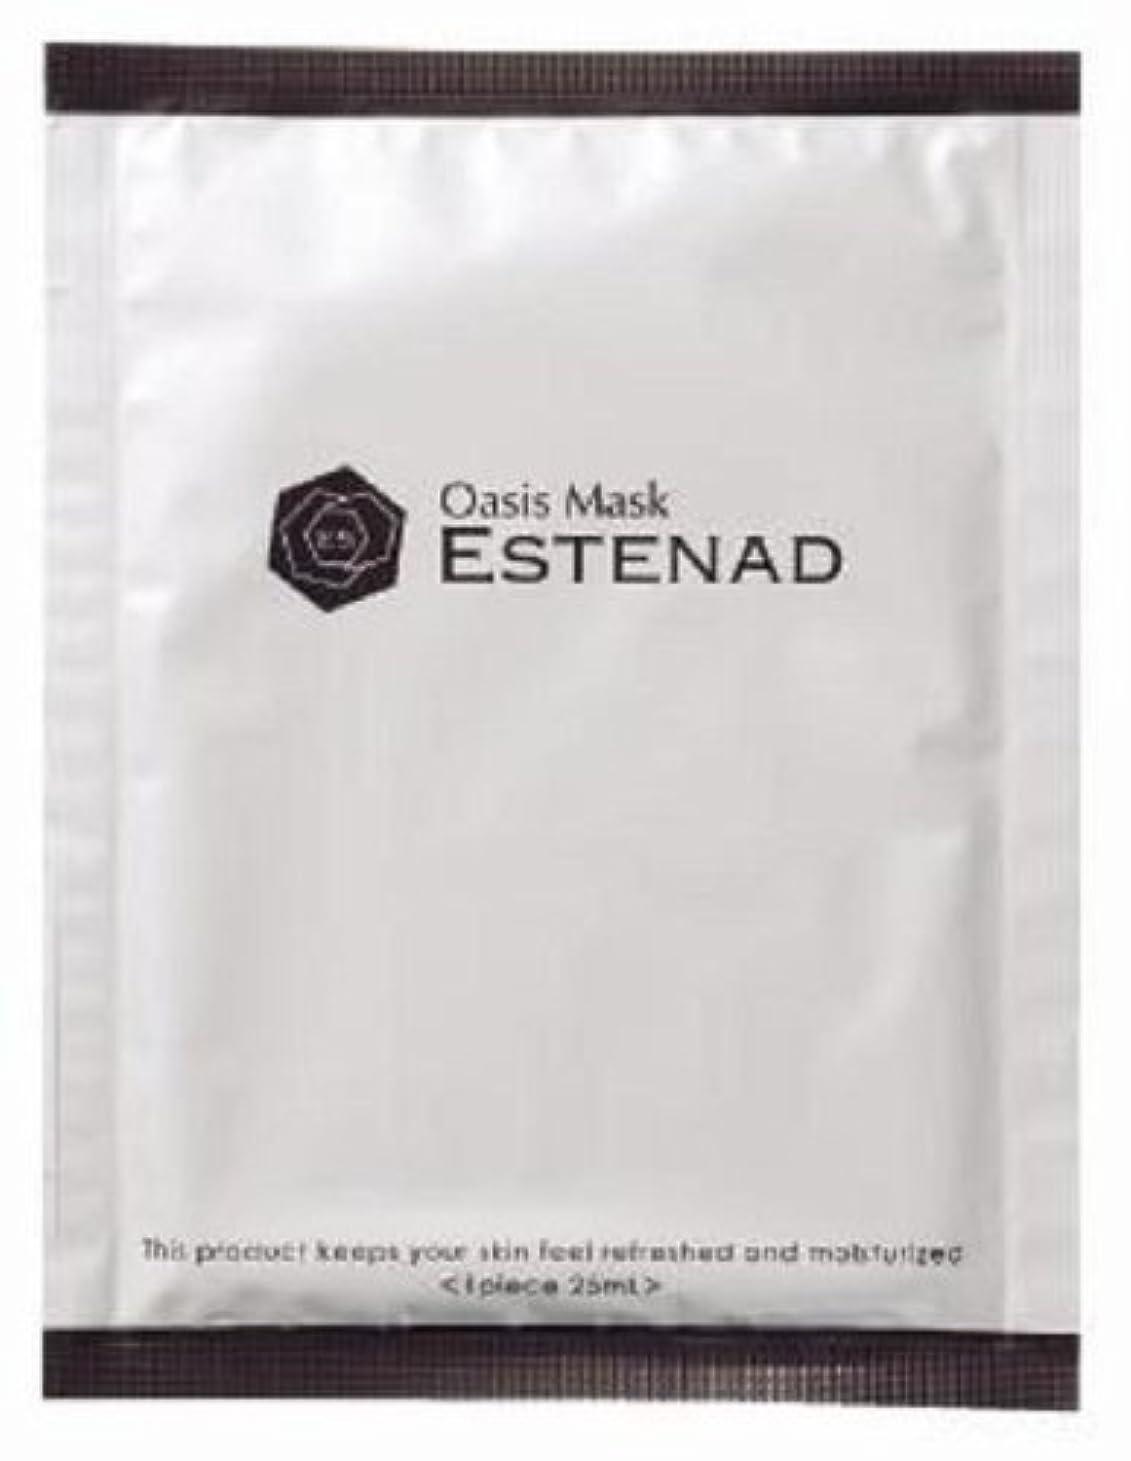 フレキシブル繊毛概念エステナード オアシスマスク 10袋